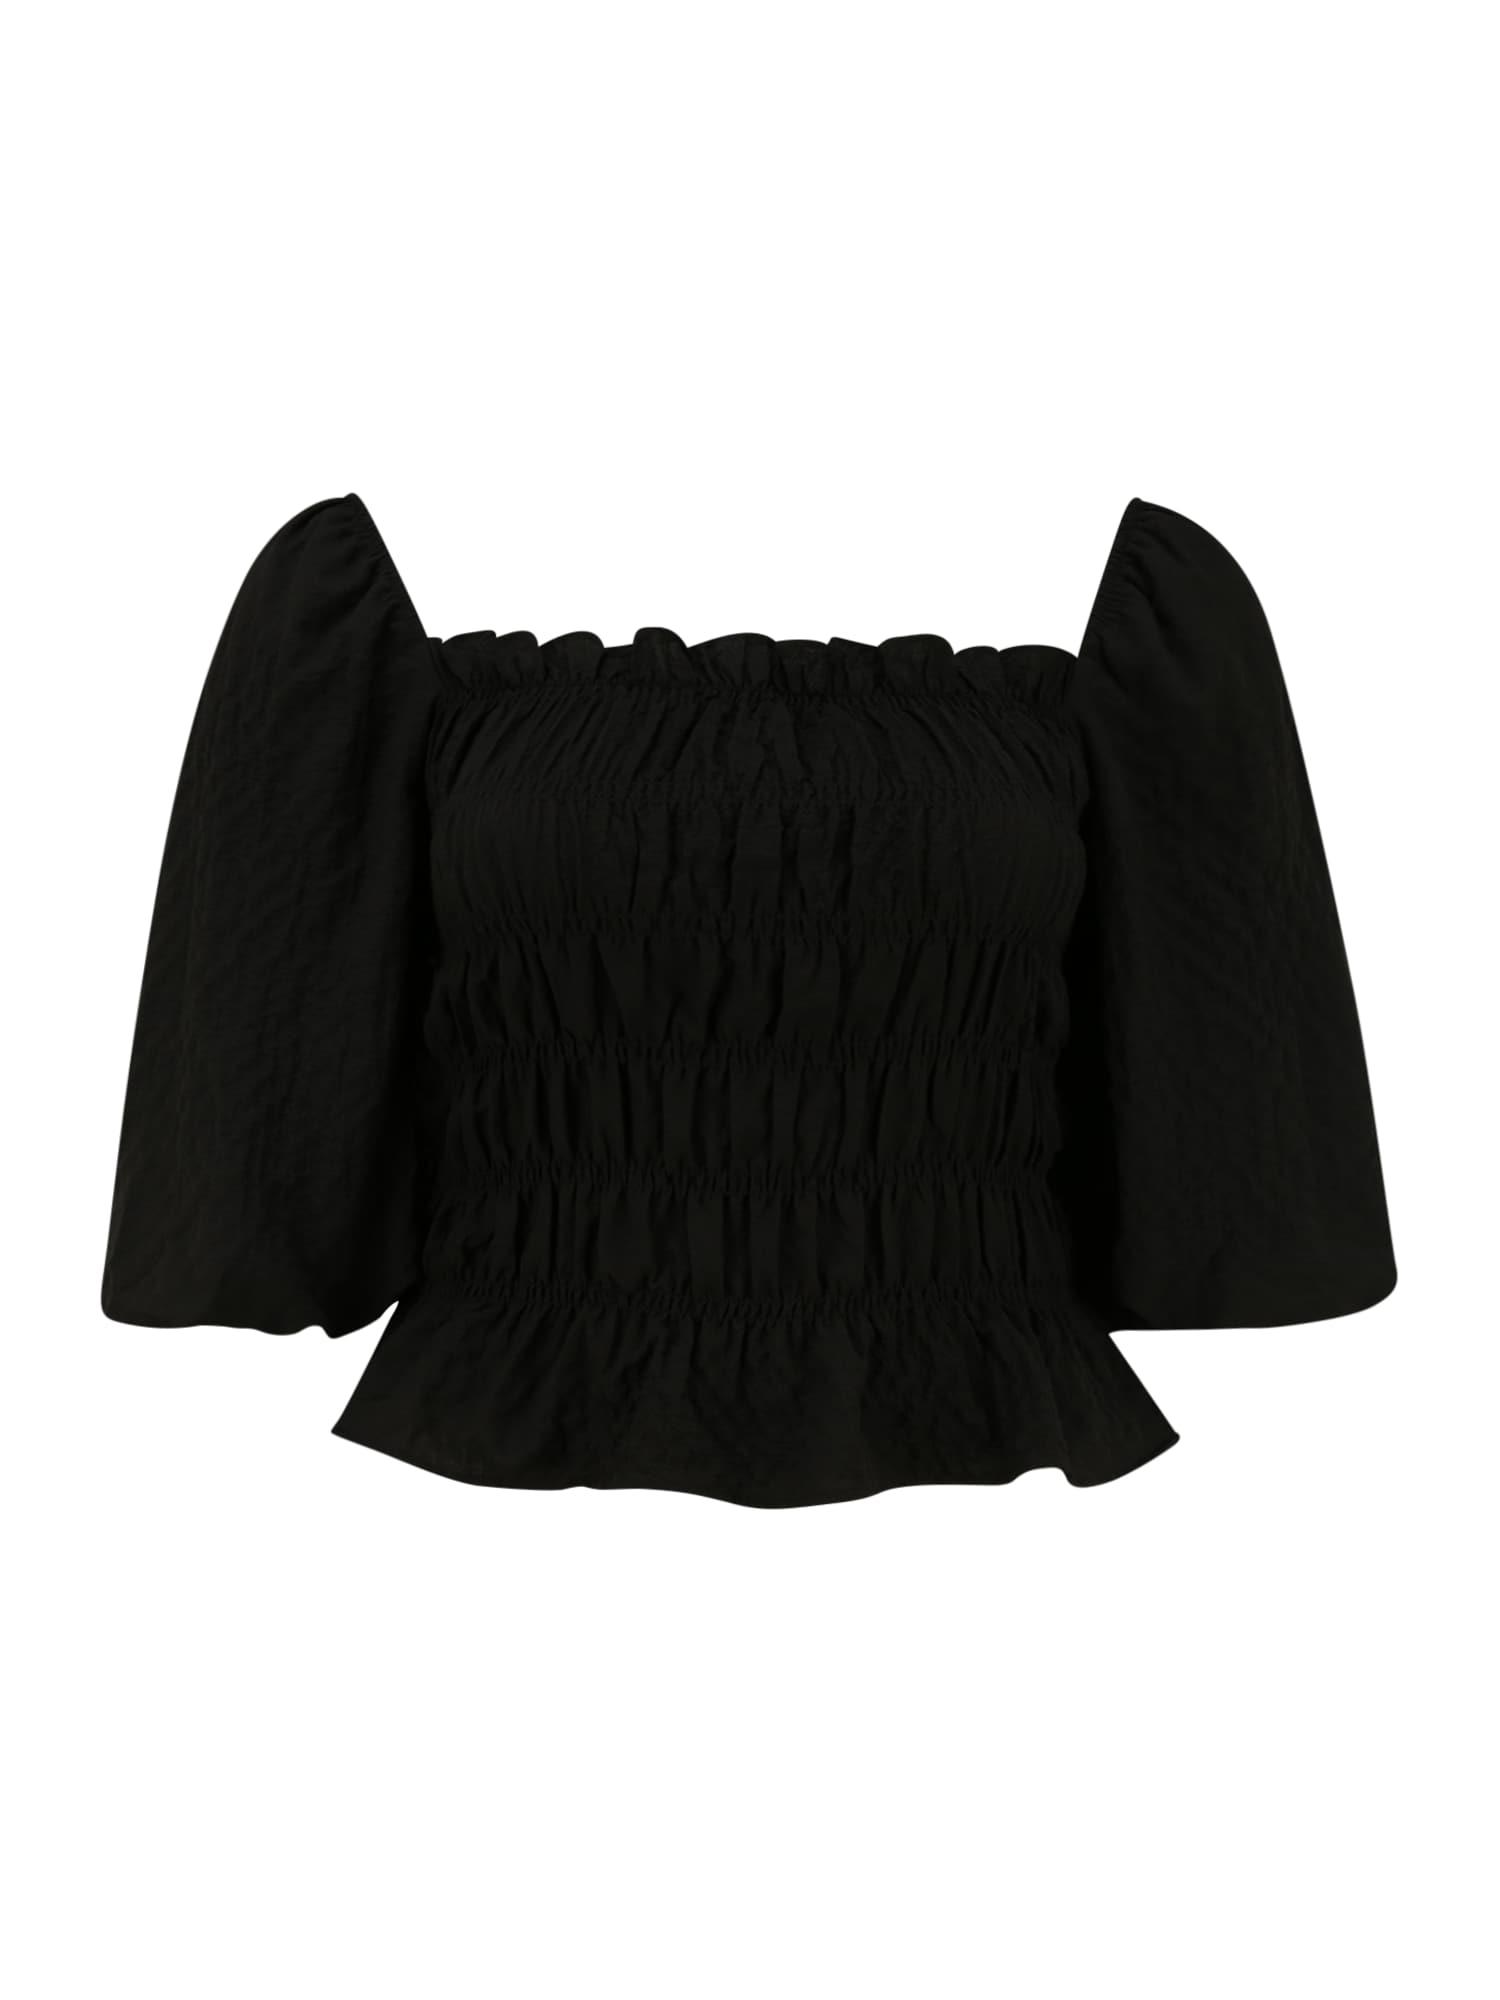 Pieces (Tall) Marškinėliai juoda